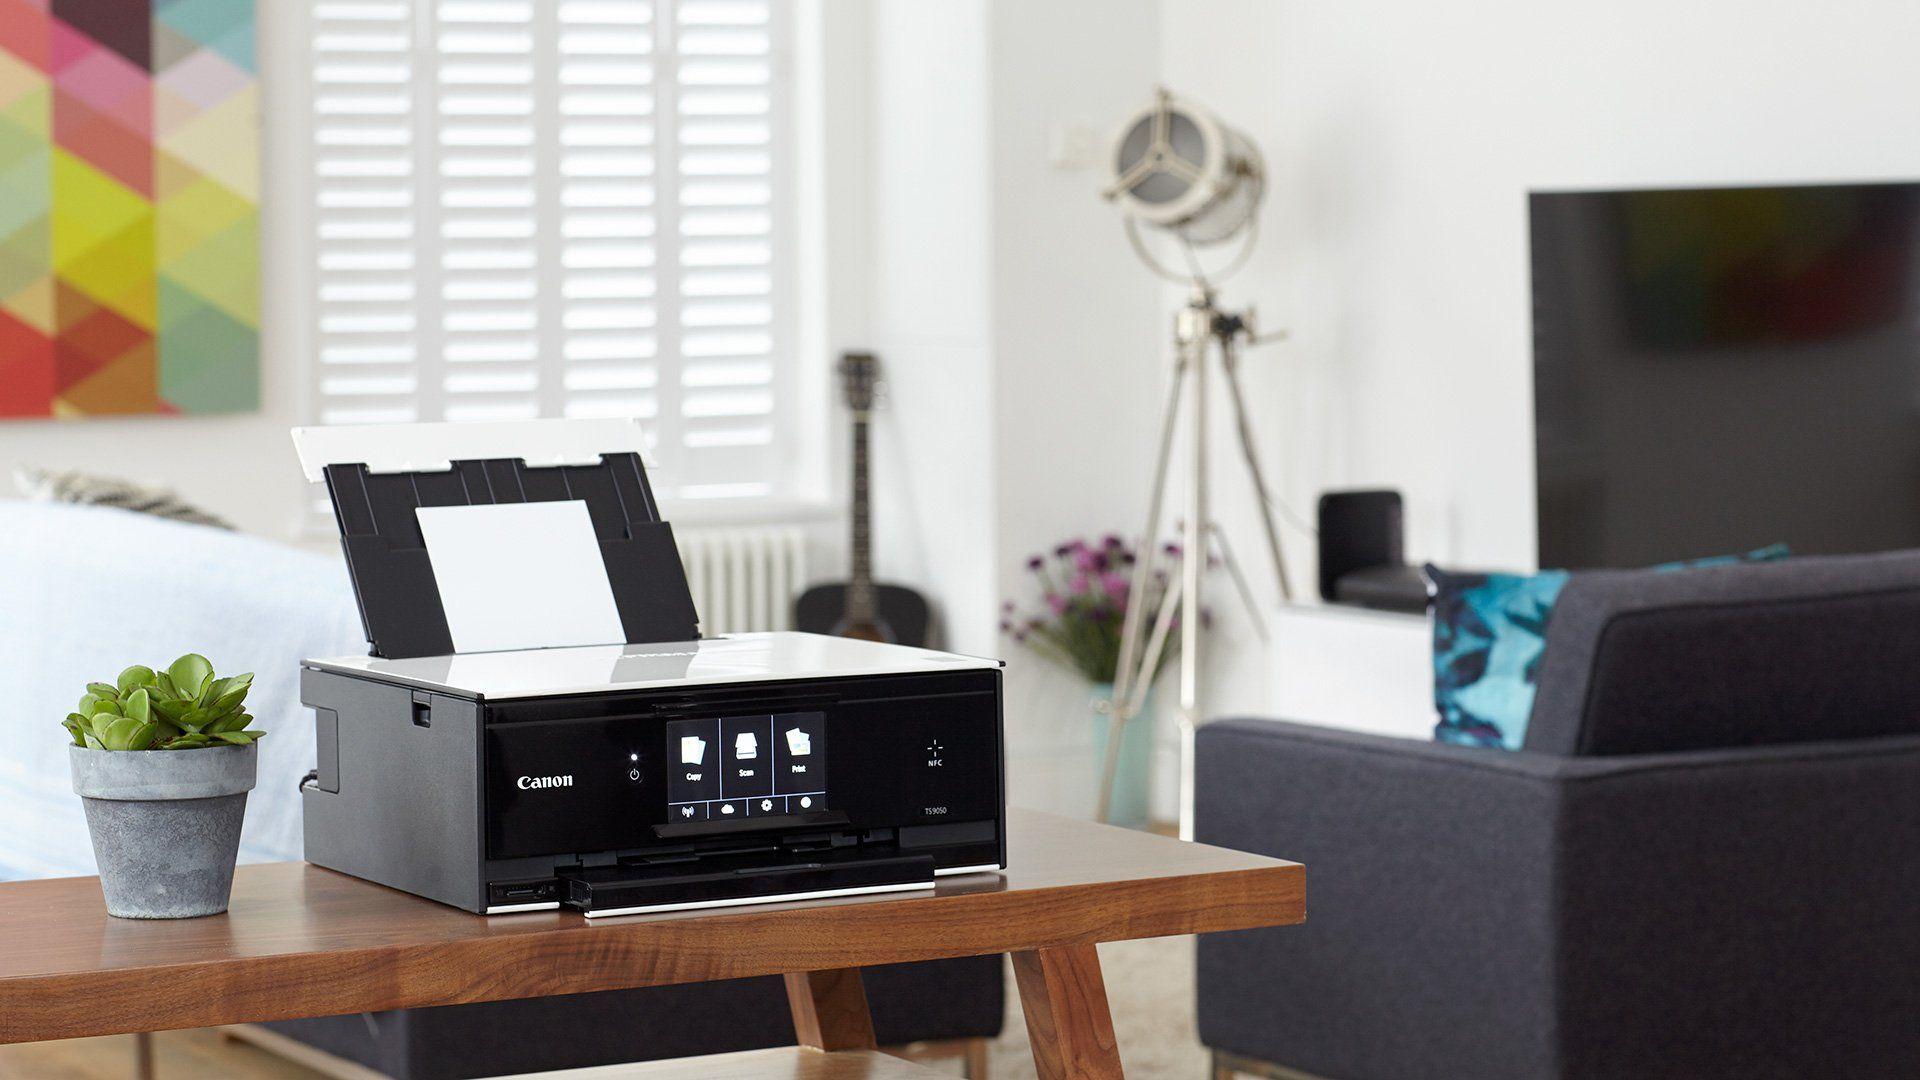 Принтер - основные типы и принципы их работы